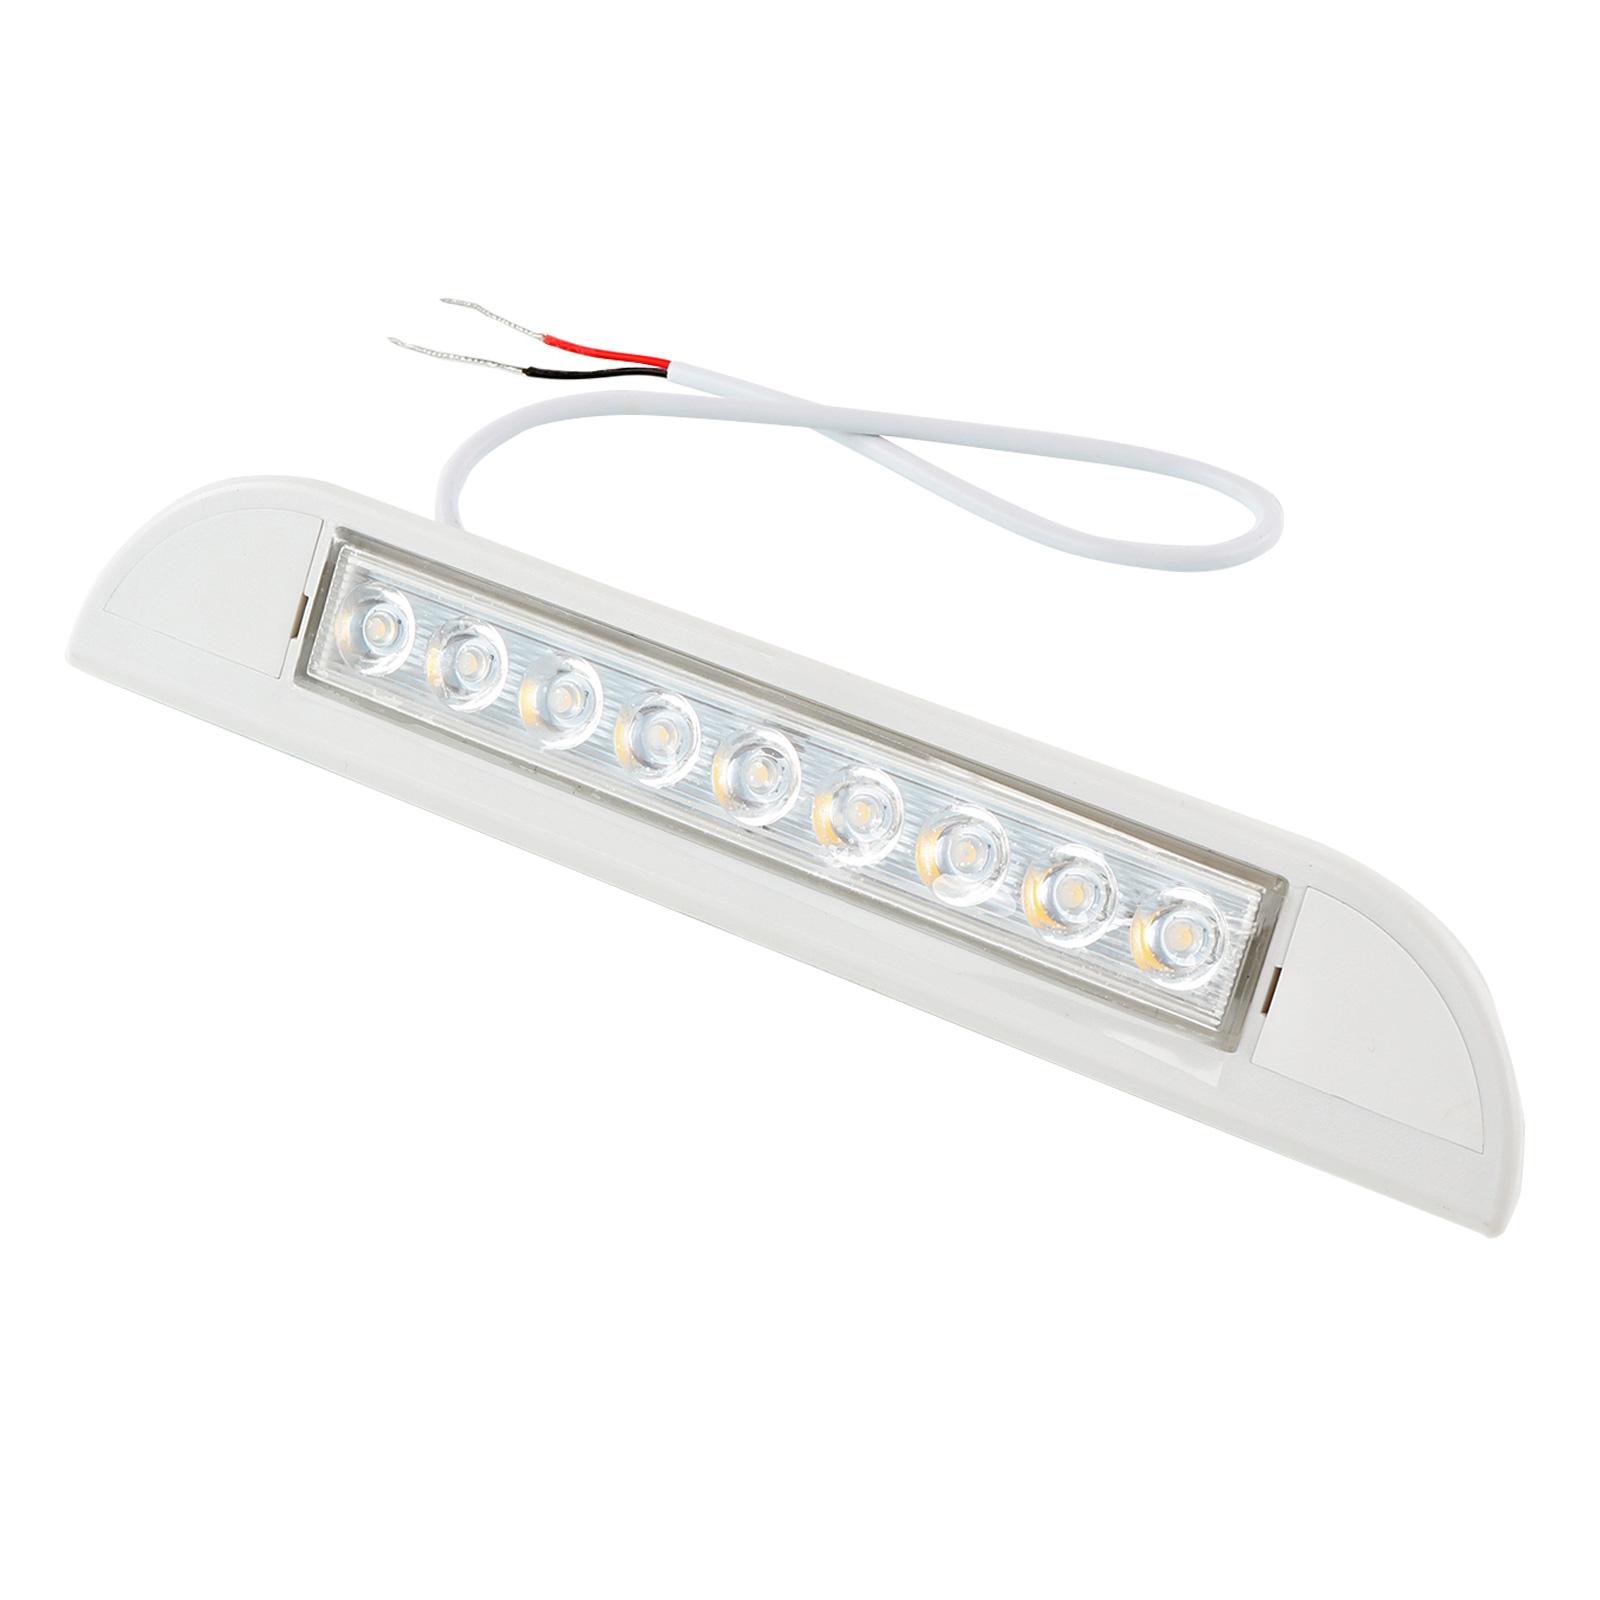 Aussen Leuchte Led 12V 23 cm 400 Lumen wasserdicht für Wohnwagen & Wohnmobil